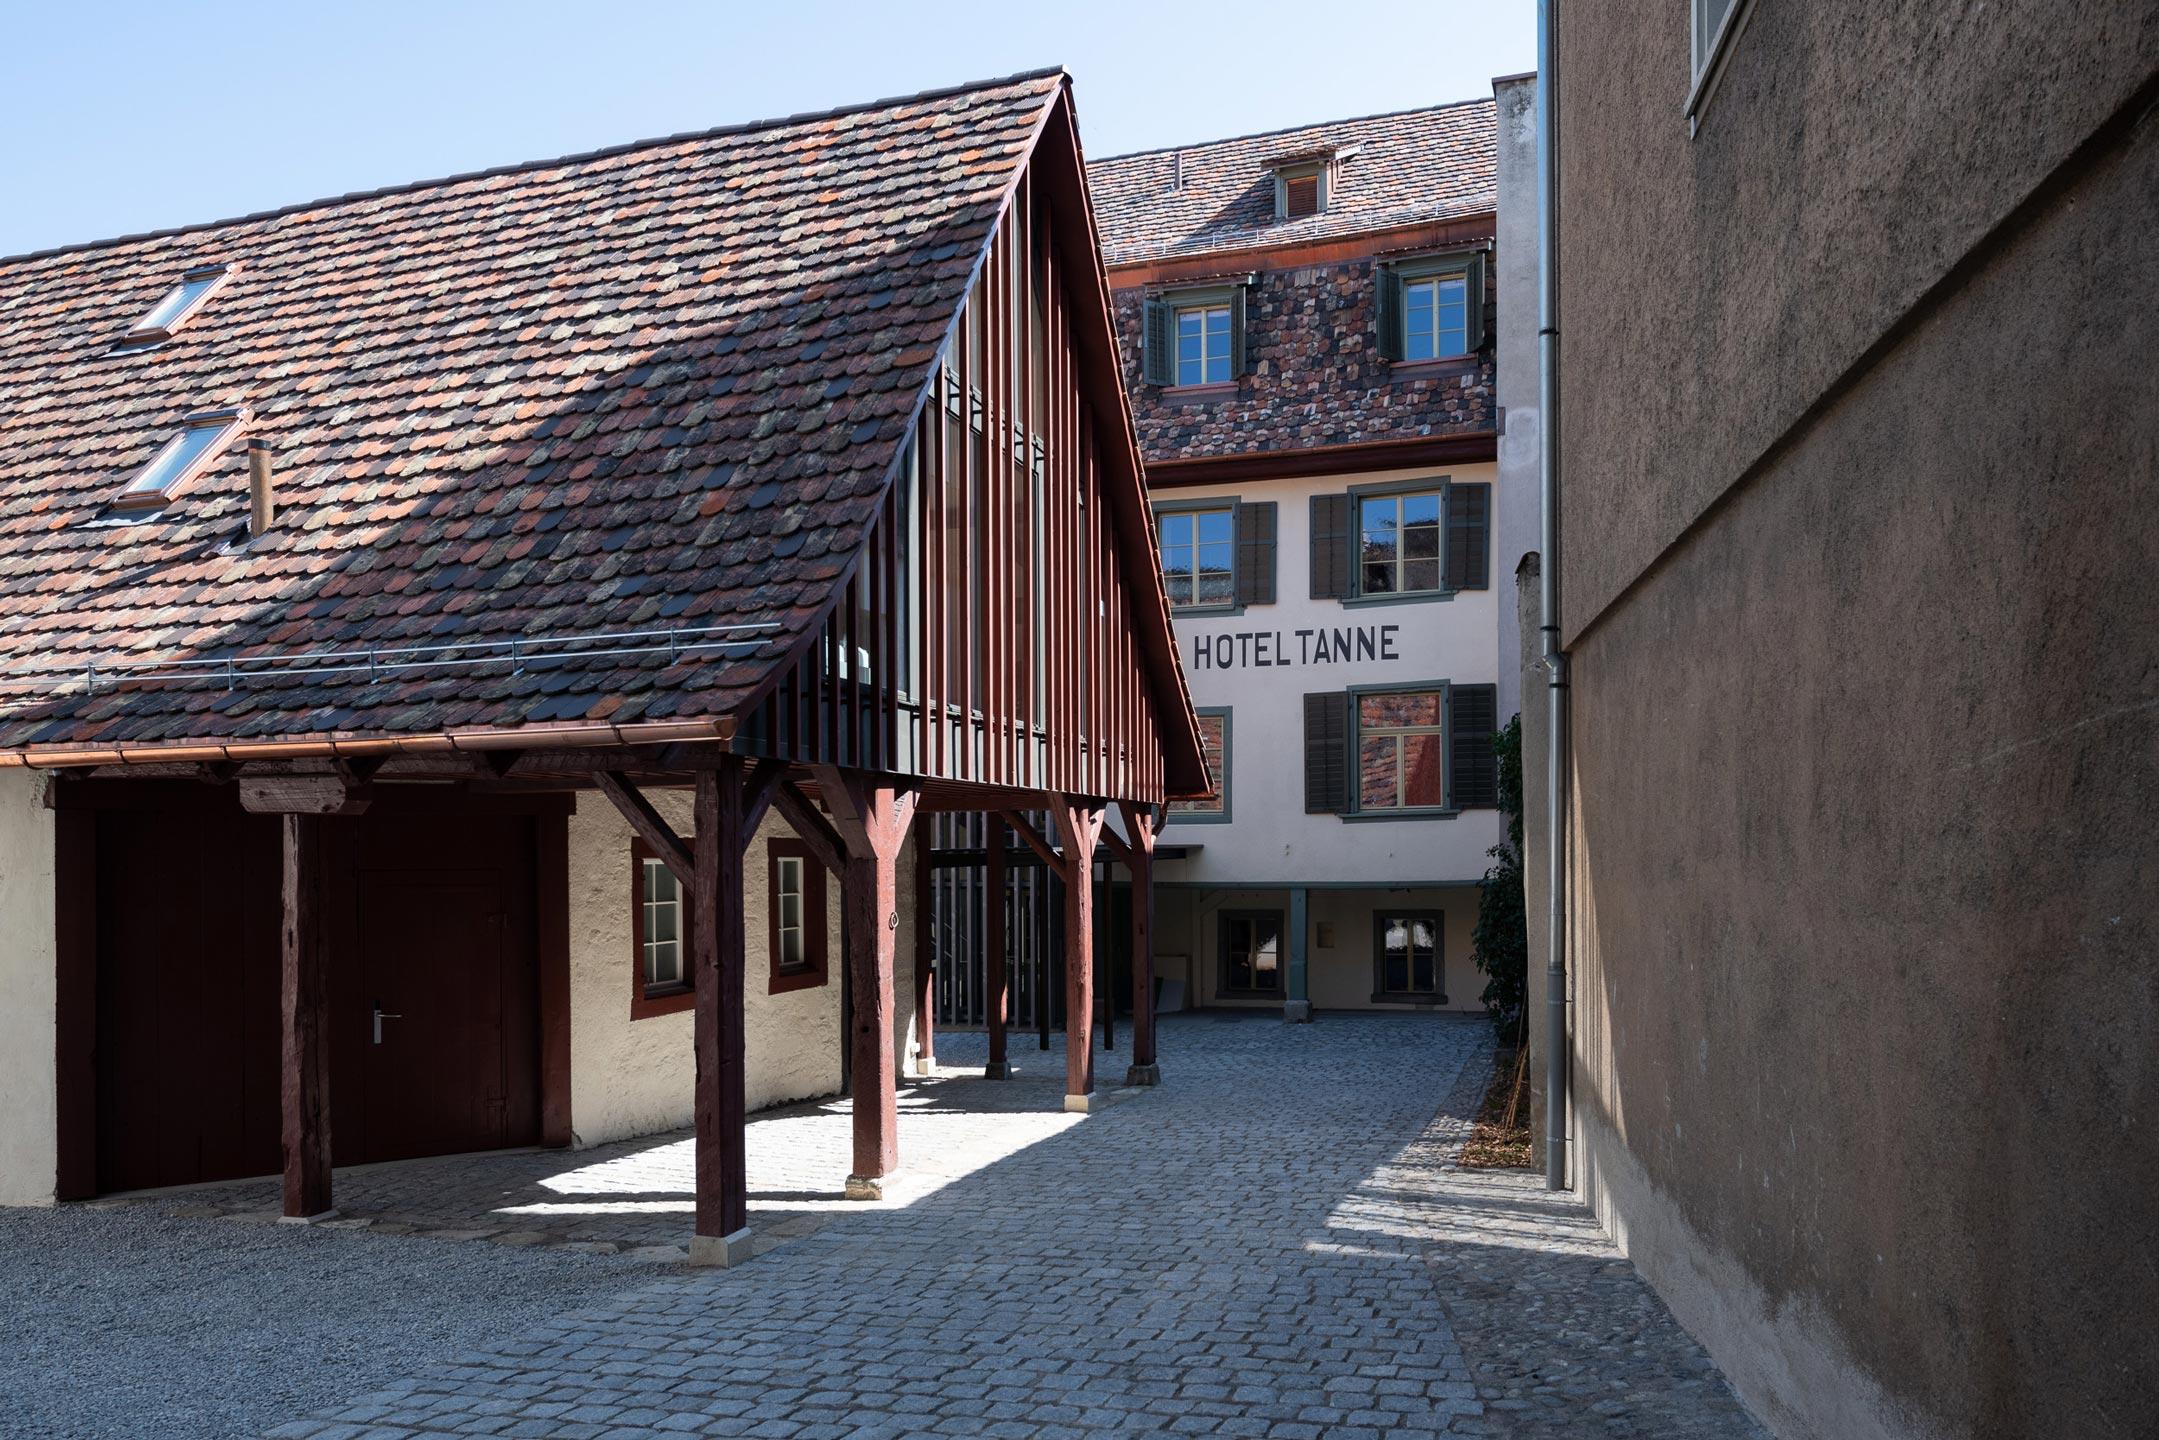 Umbau Hotel Tanne Schaffhausen Innenhof